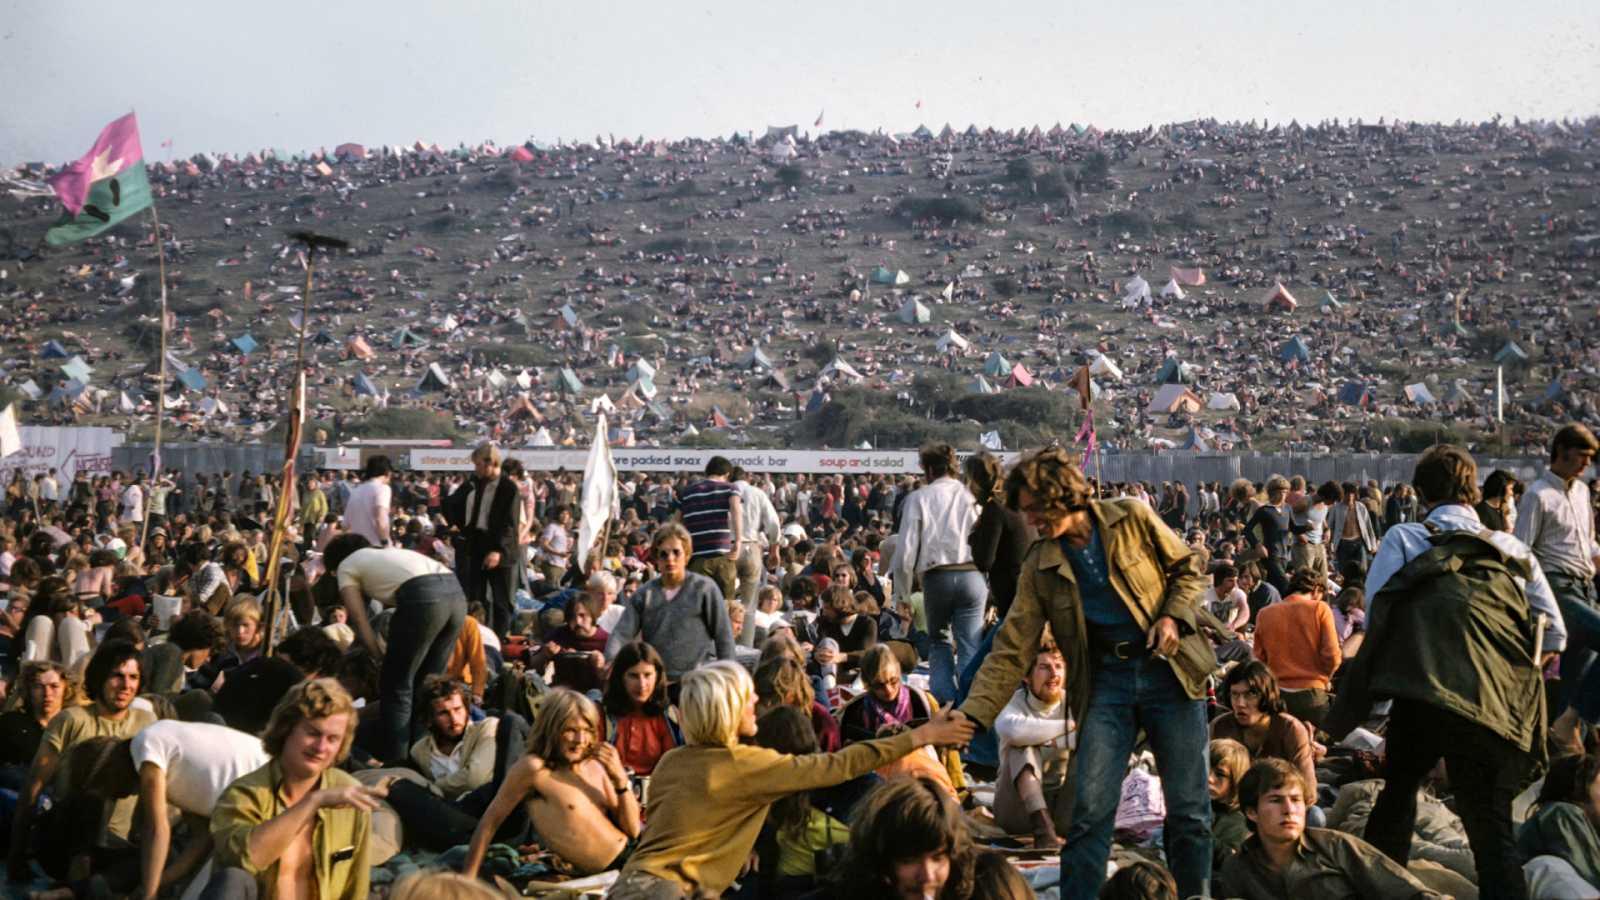 Cinco pistas - Otra historia del rock - 1970-1971 el fin y el principio - 29/0421 - Escuchar ahora